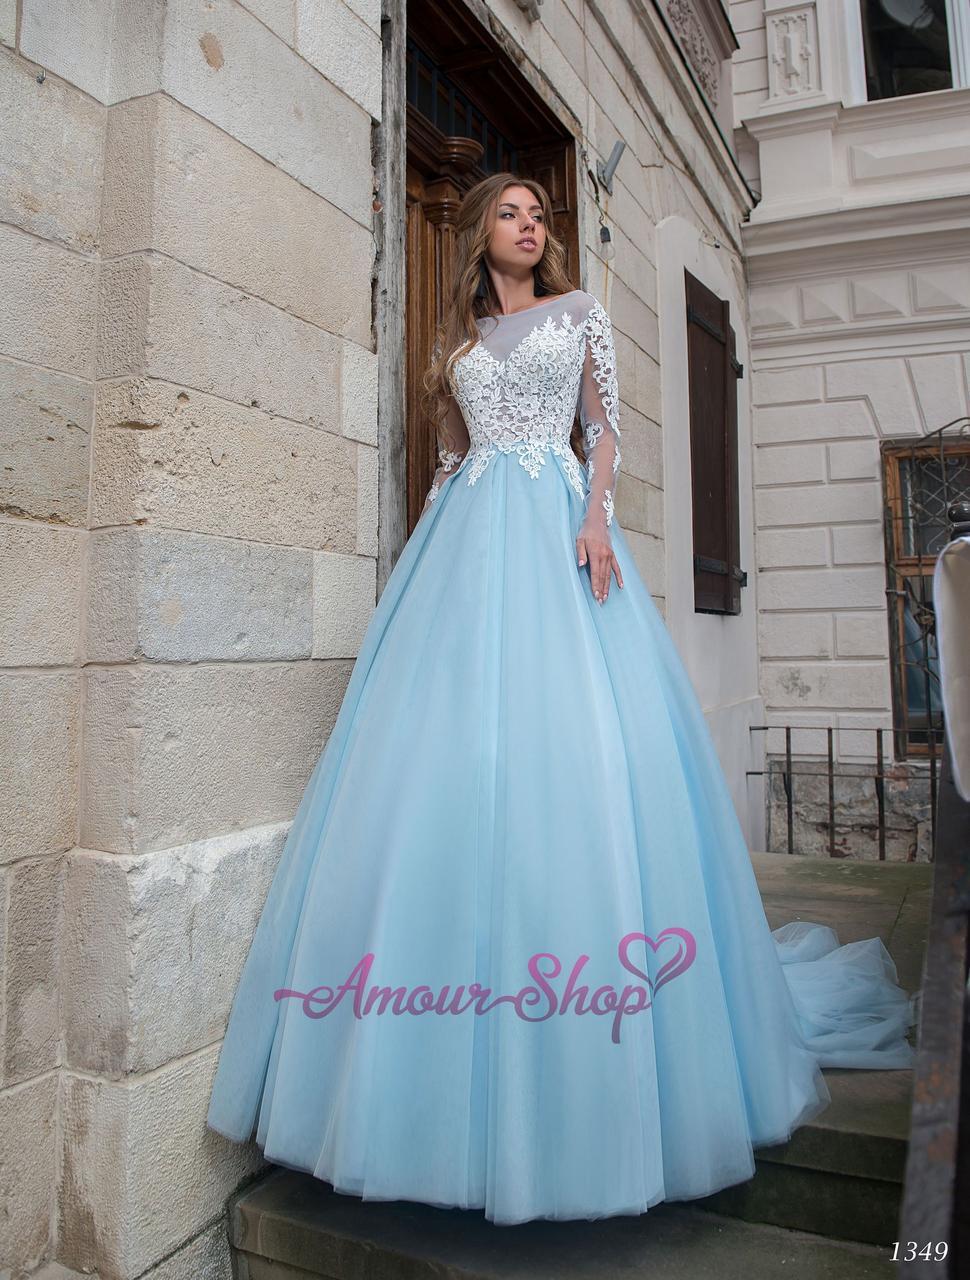 Свадебное платье в разных цветах (белое, айвори, голубое, телесное)